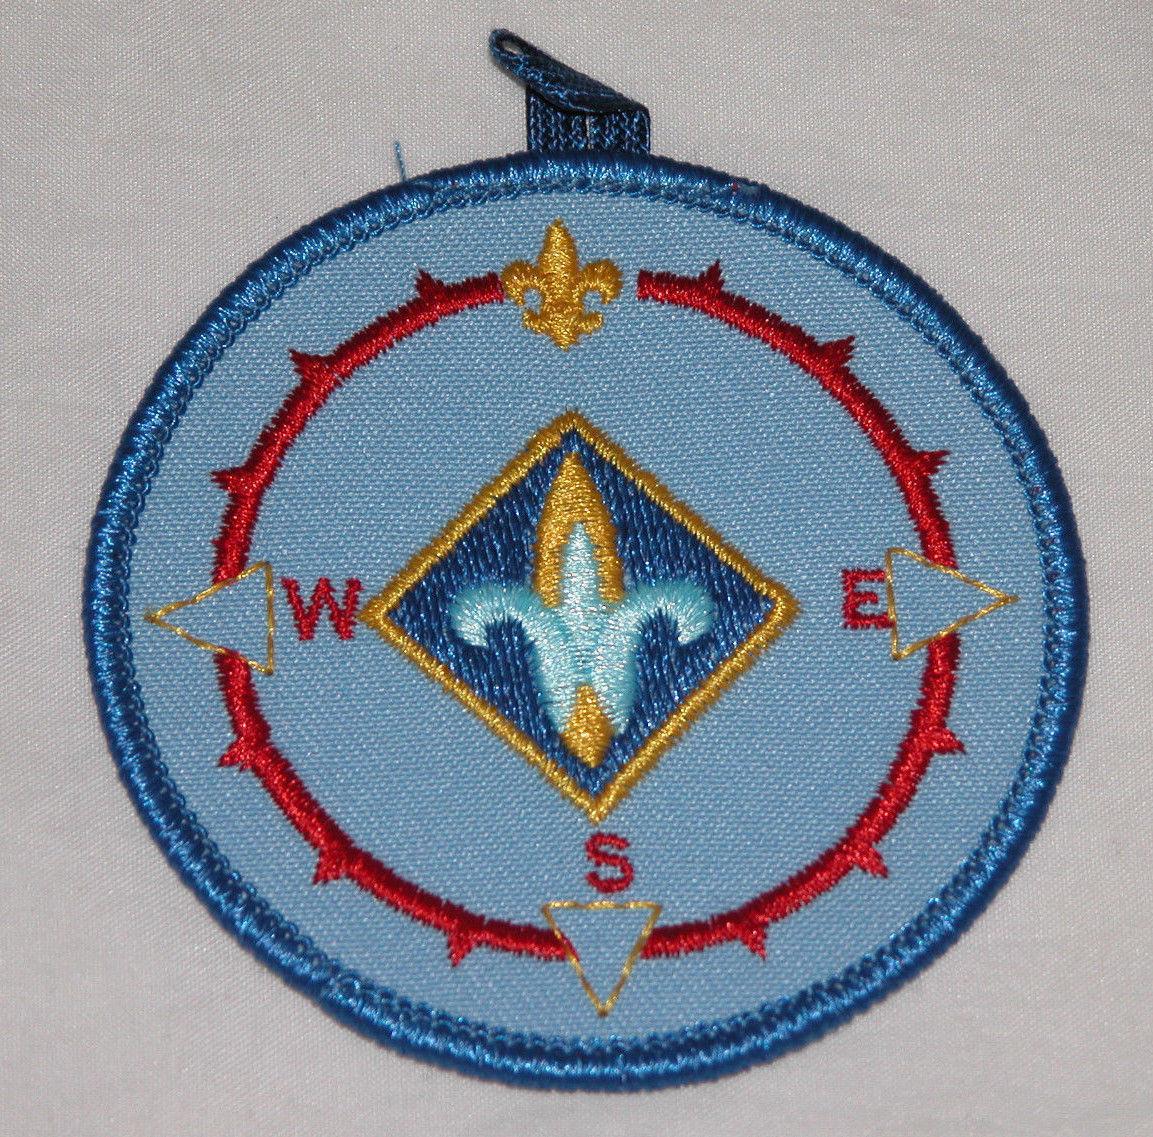 Cub Scout Discontinued Bsa Webelos Compass Point Emblem